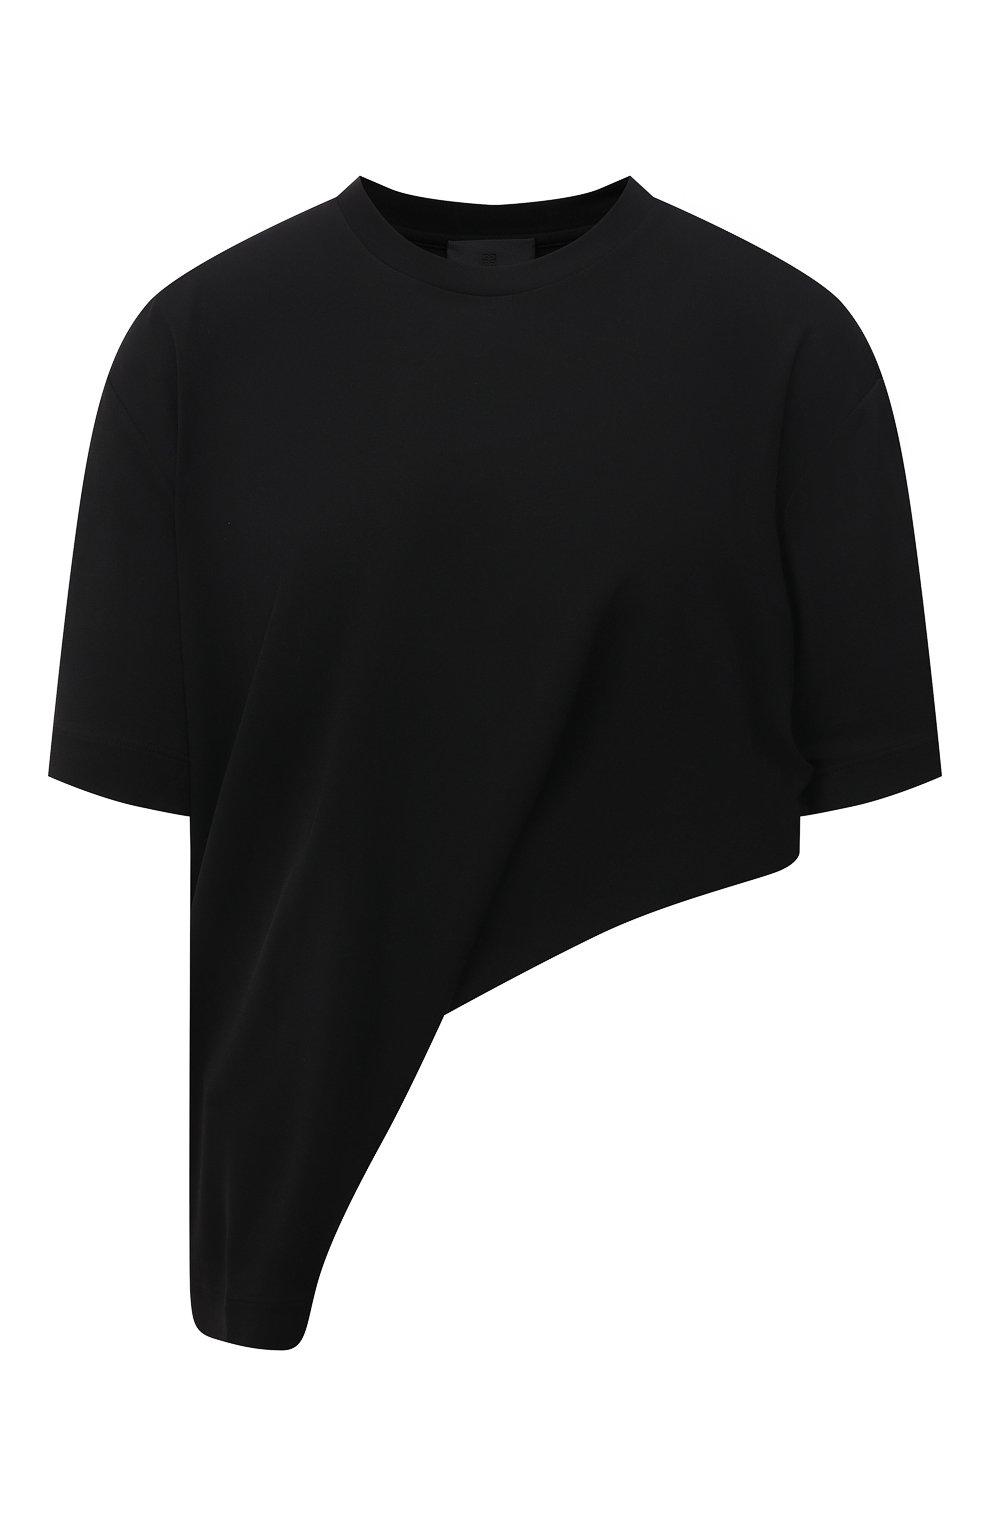 Женская футболка из вискозы GIVENCHY черного цвета, арт. BW60U93047   Фото 1 (Принт: Без принта; Рукава: Короткие; Длина (для топов): Стандартные, Укороченные; Стили: Спорт-шик; Женское Кросс-КТ: Футболка-одежда; Материал внешний: Вискоза)